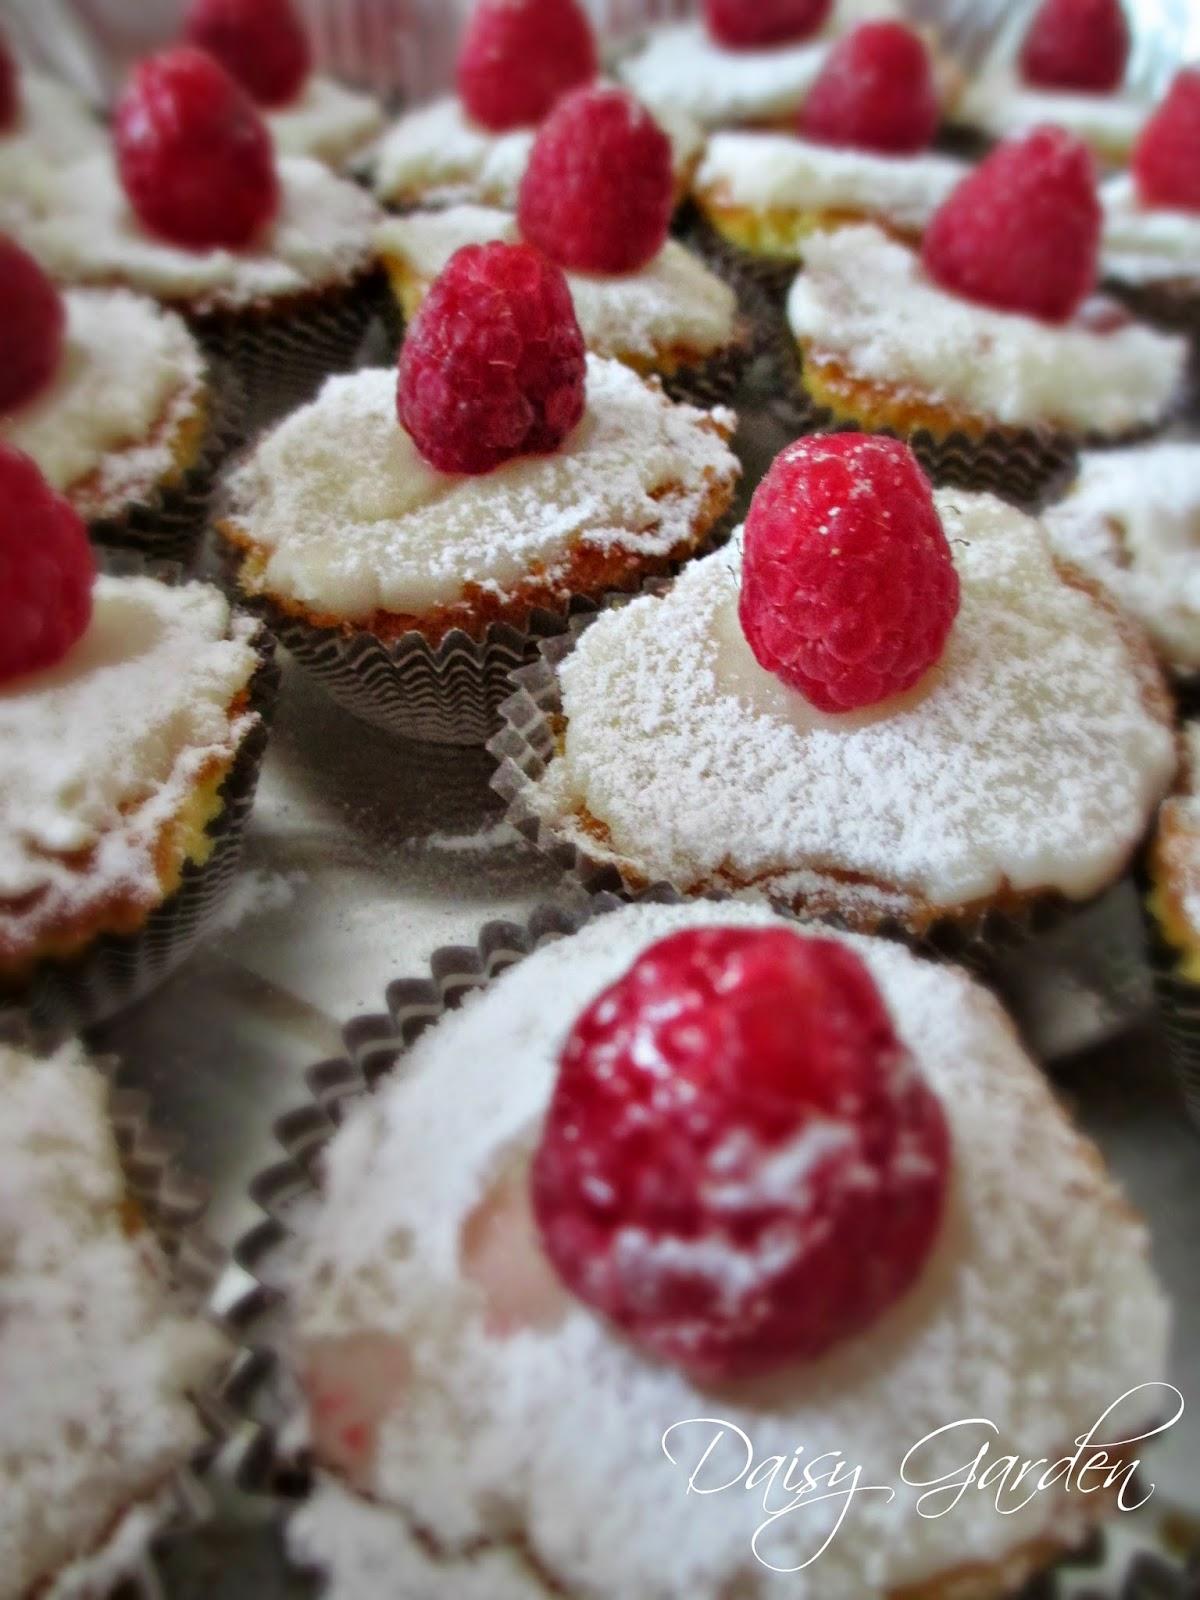 cupcake con lamponi, regalino edibile fai da te per natale, regalo handmade